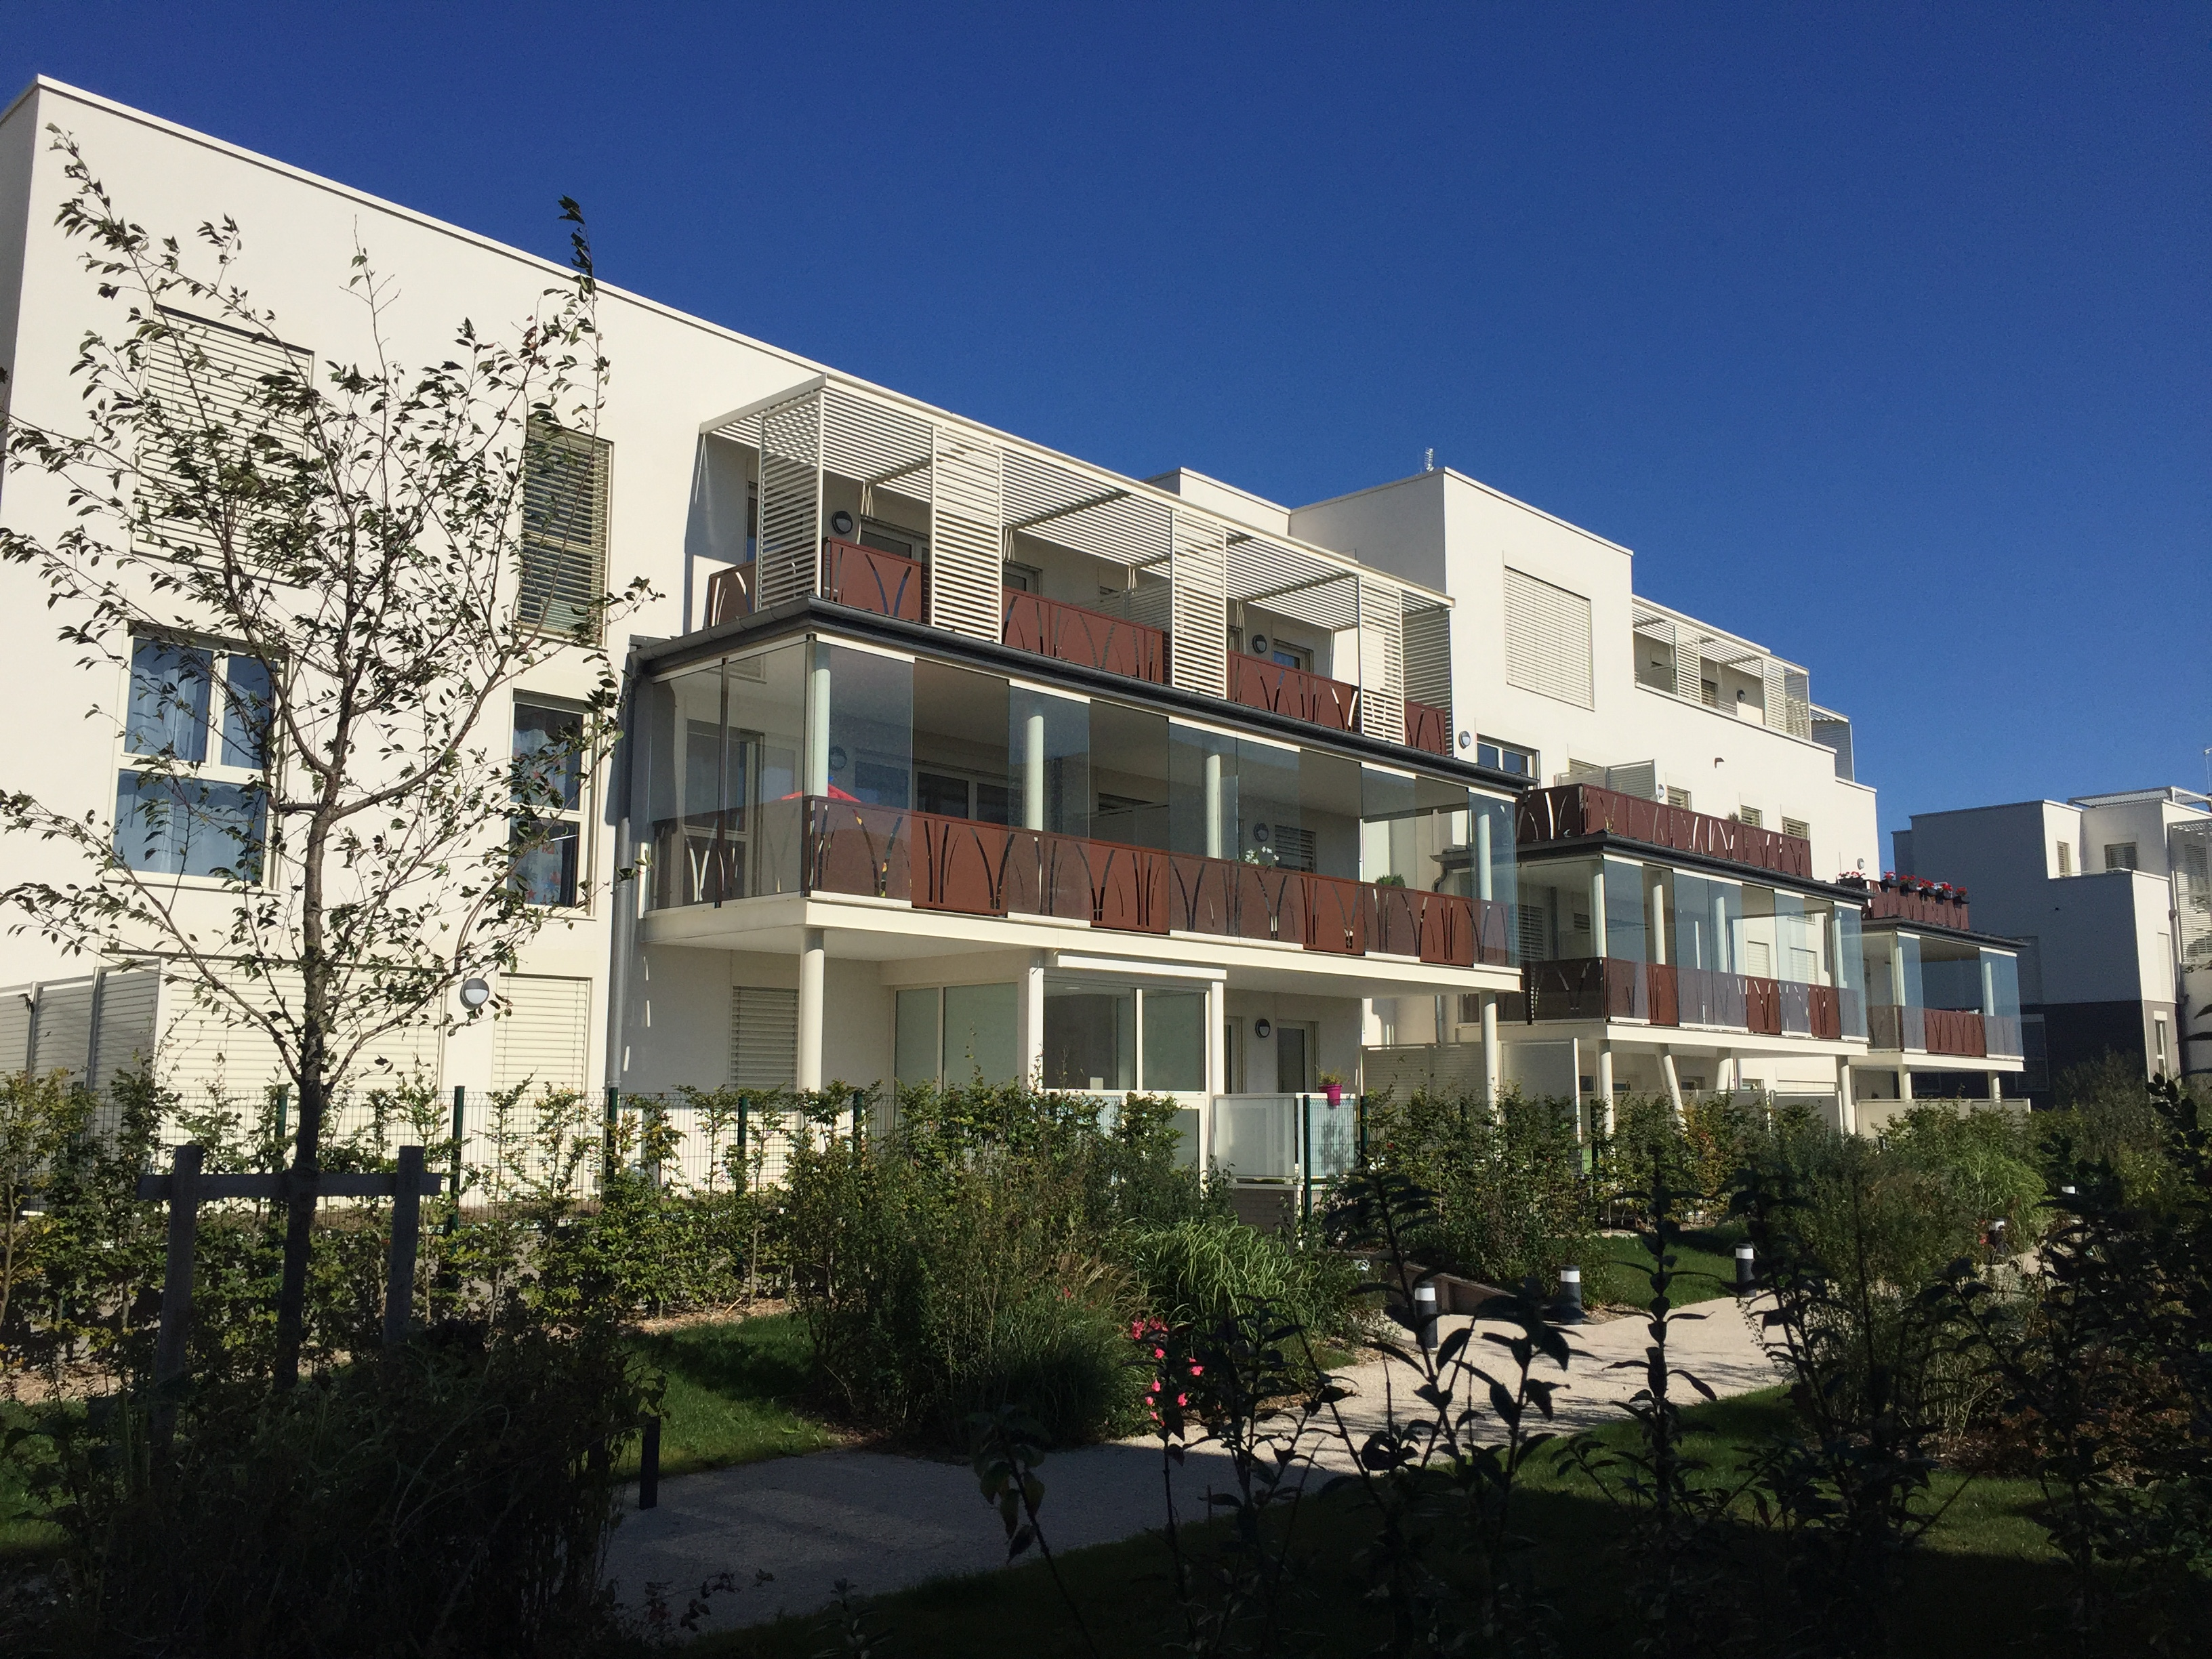 menuiserie-lambert-projet-eco-quartier-rema'vert2